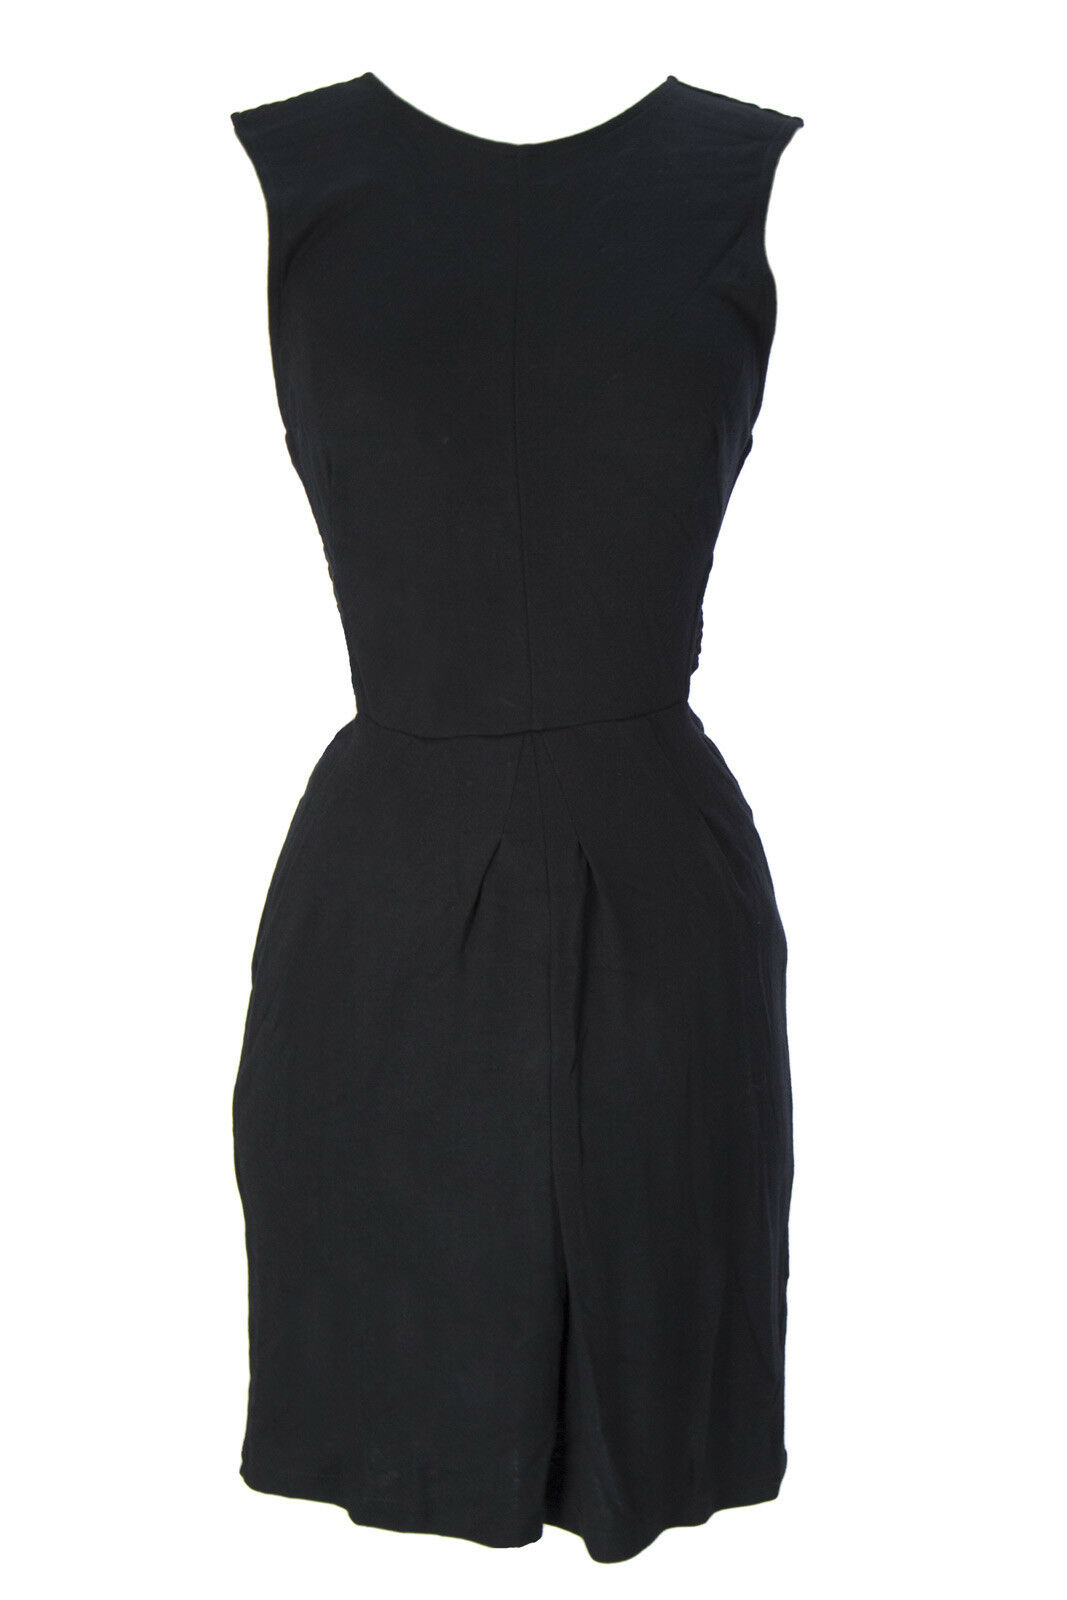 Surface To Luft Damen Gesteppt Ausschnitt Ezia Kleid  340 Neu